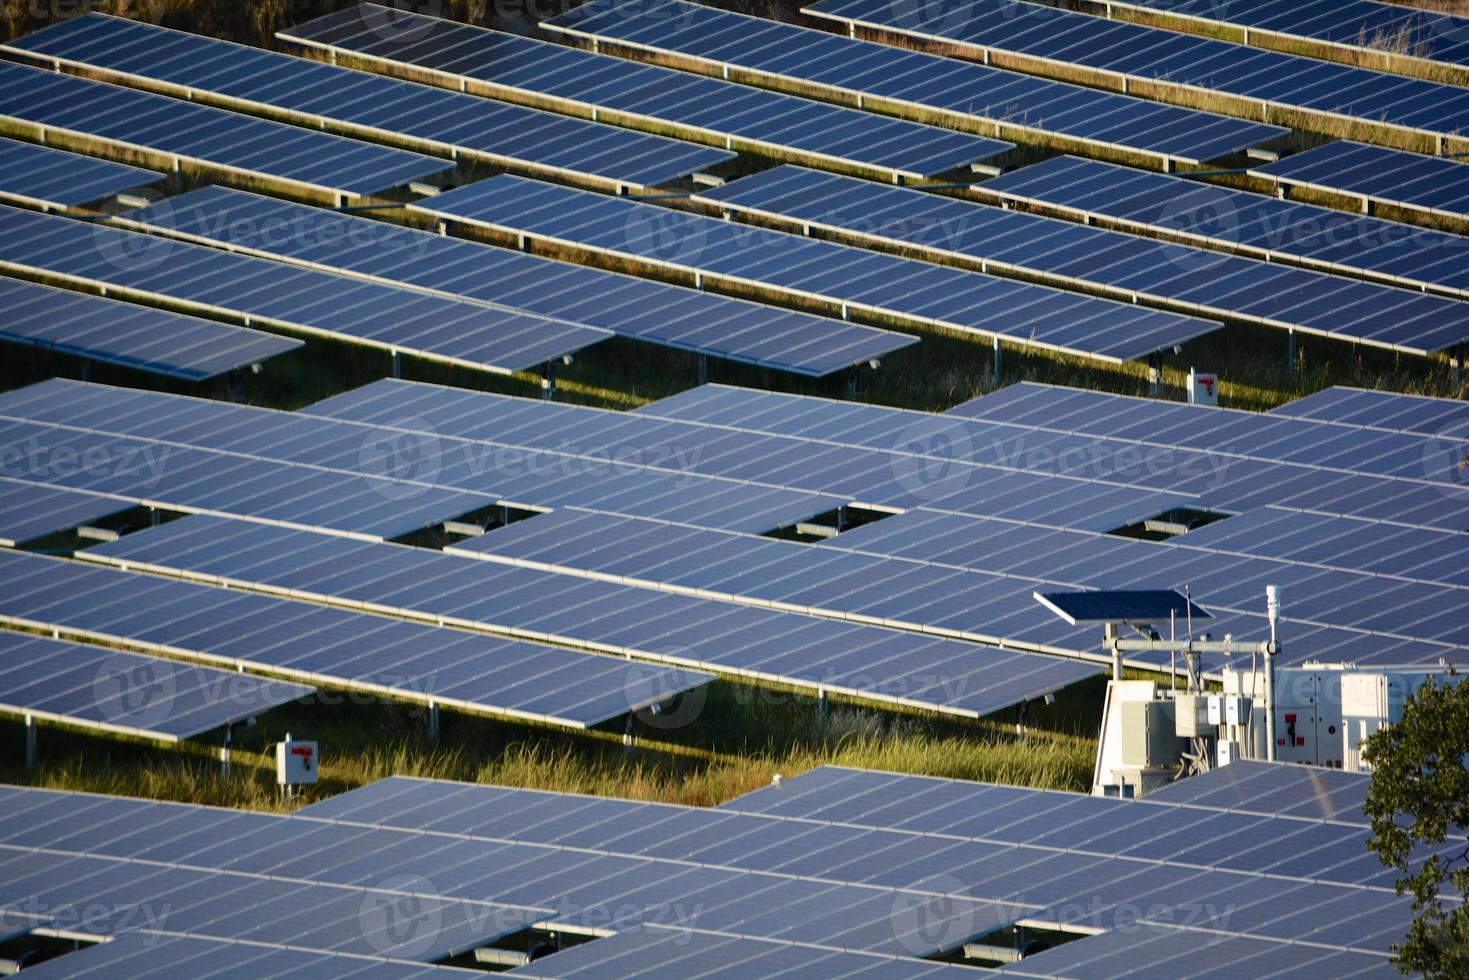 stor solenergistation foto